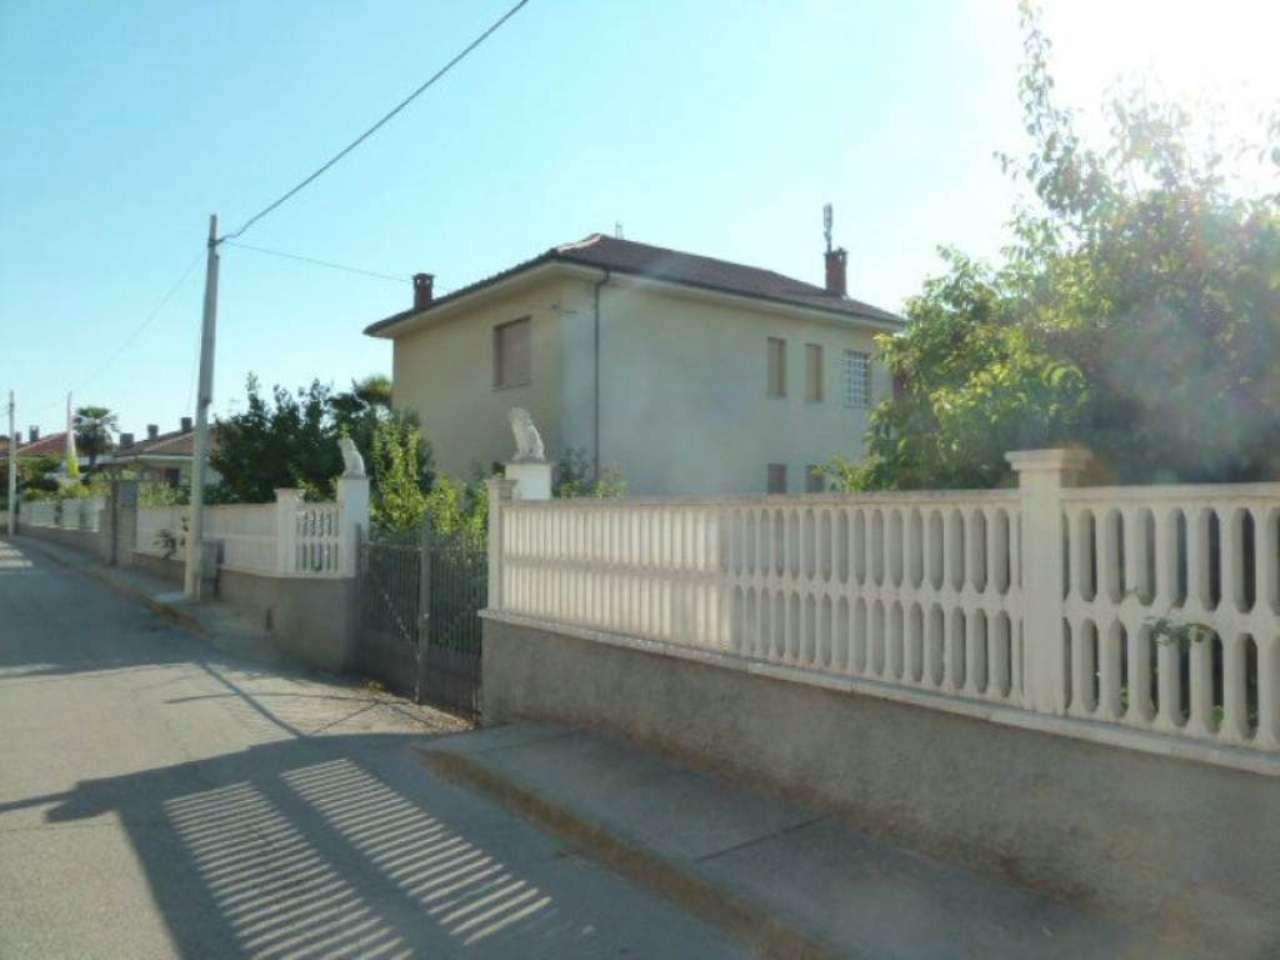 Soluzione Indipendente in vendita a Riva Presso Chieri, 12 locali, prezzo € 250.000 | PortaleAgenzieImmobiliari.it